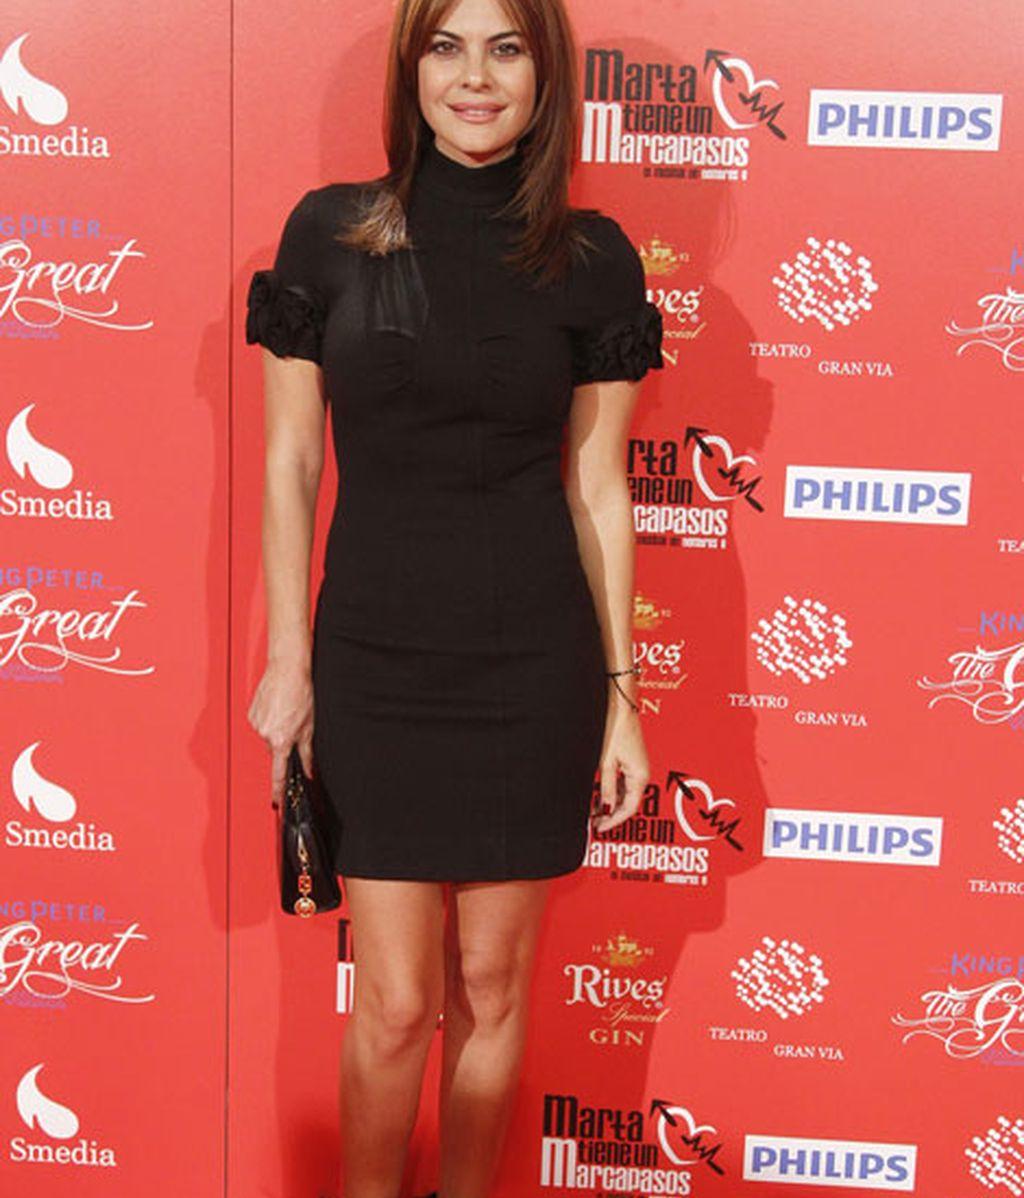 La modelo María José Suárez, vestida de negro